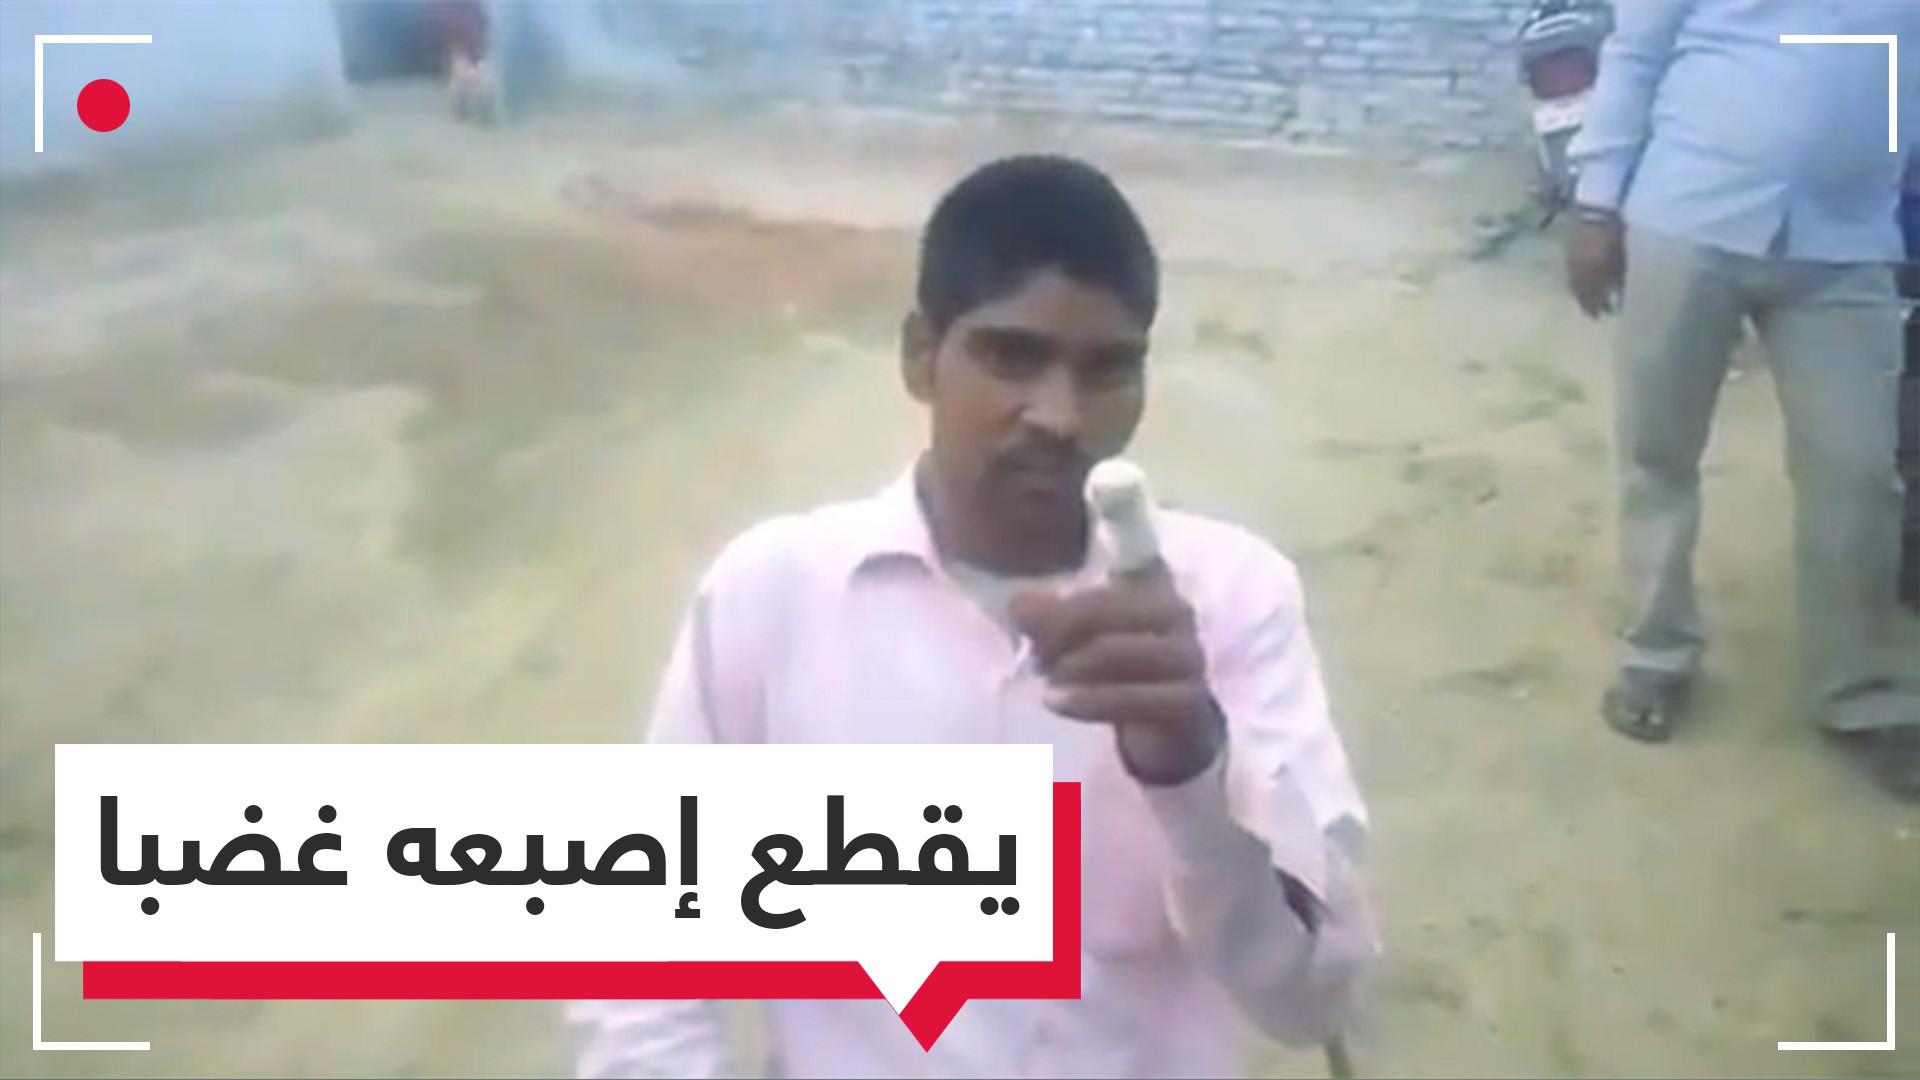 """شاب هندي يقطع إصبعه عقابا لنفسه على انتخابه الحزب الحاكم بـ""""الغلط""""!"""